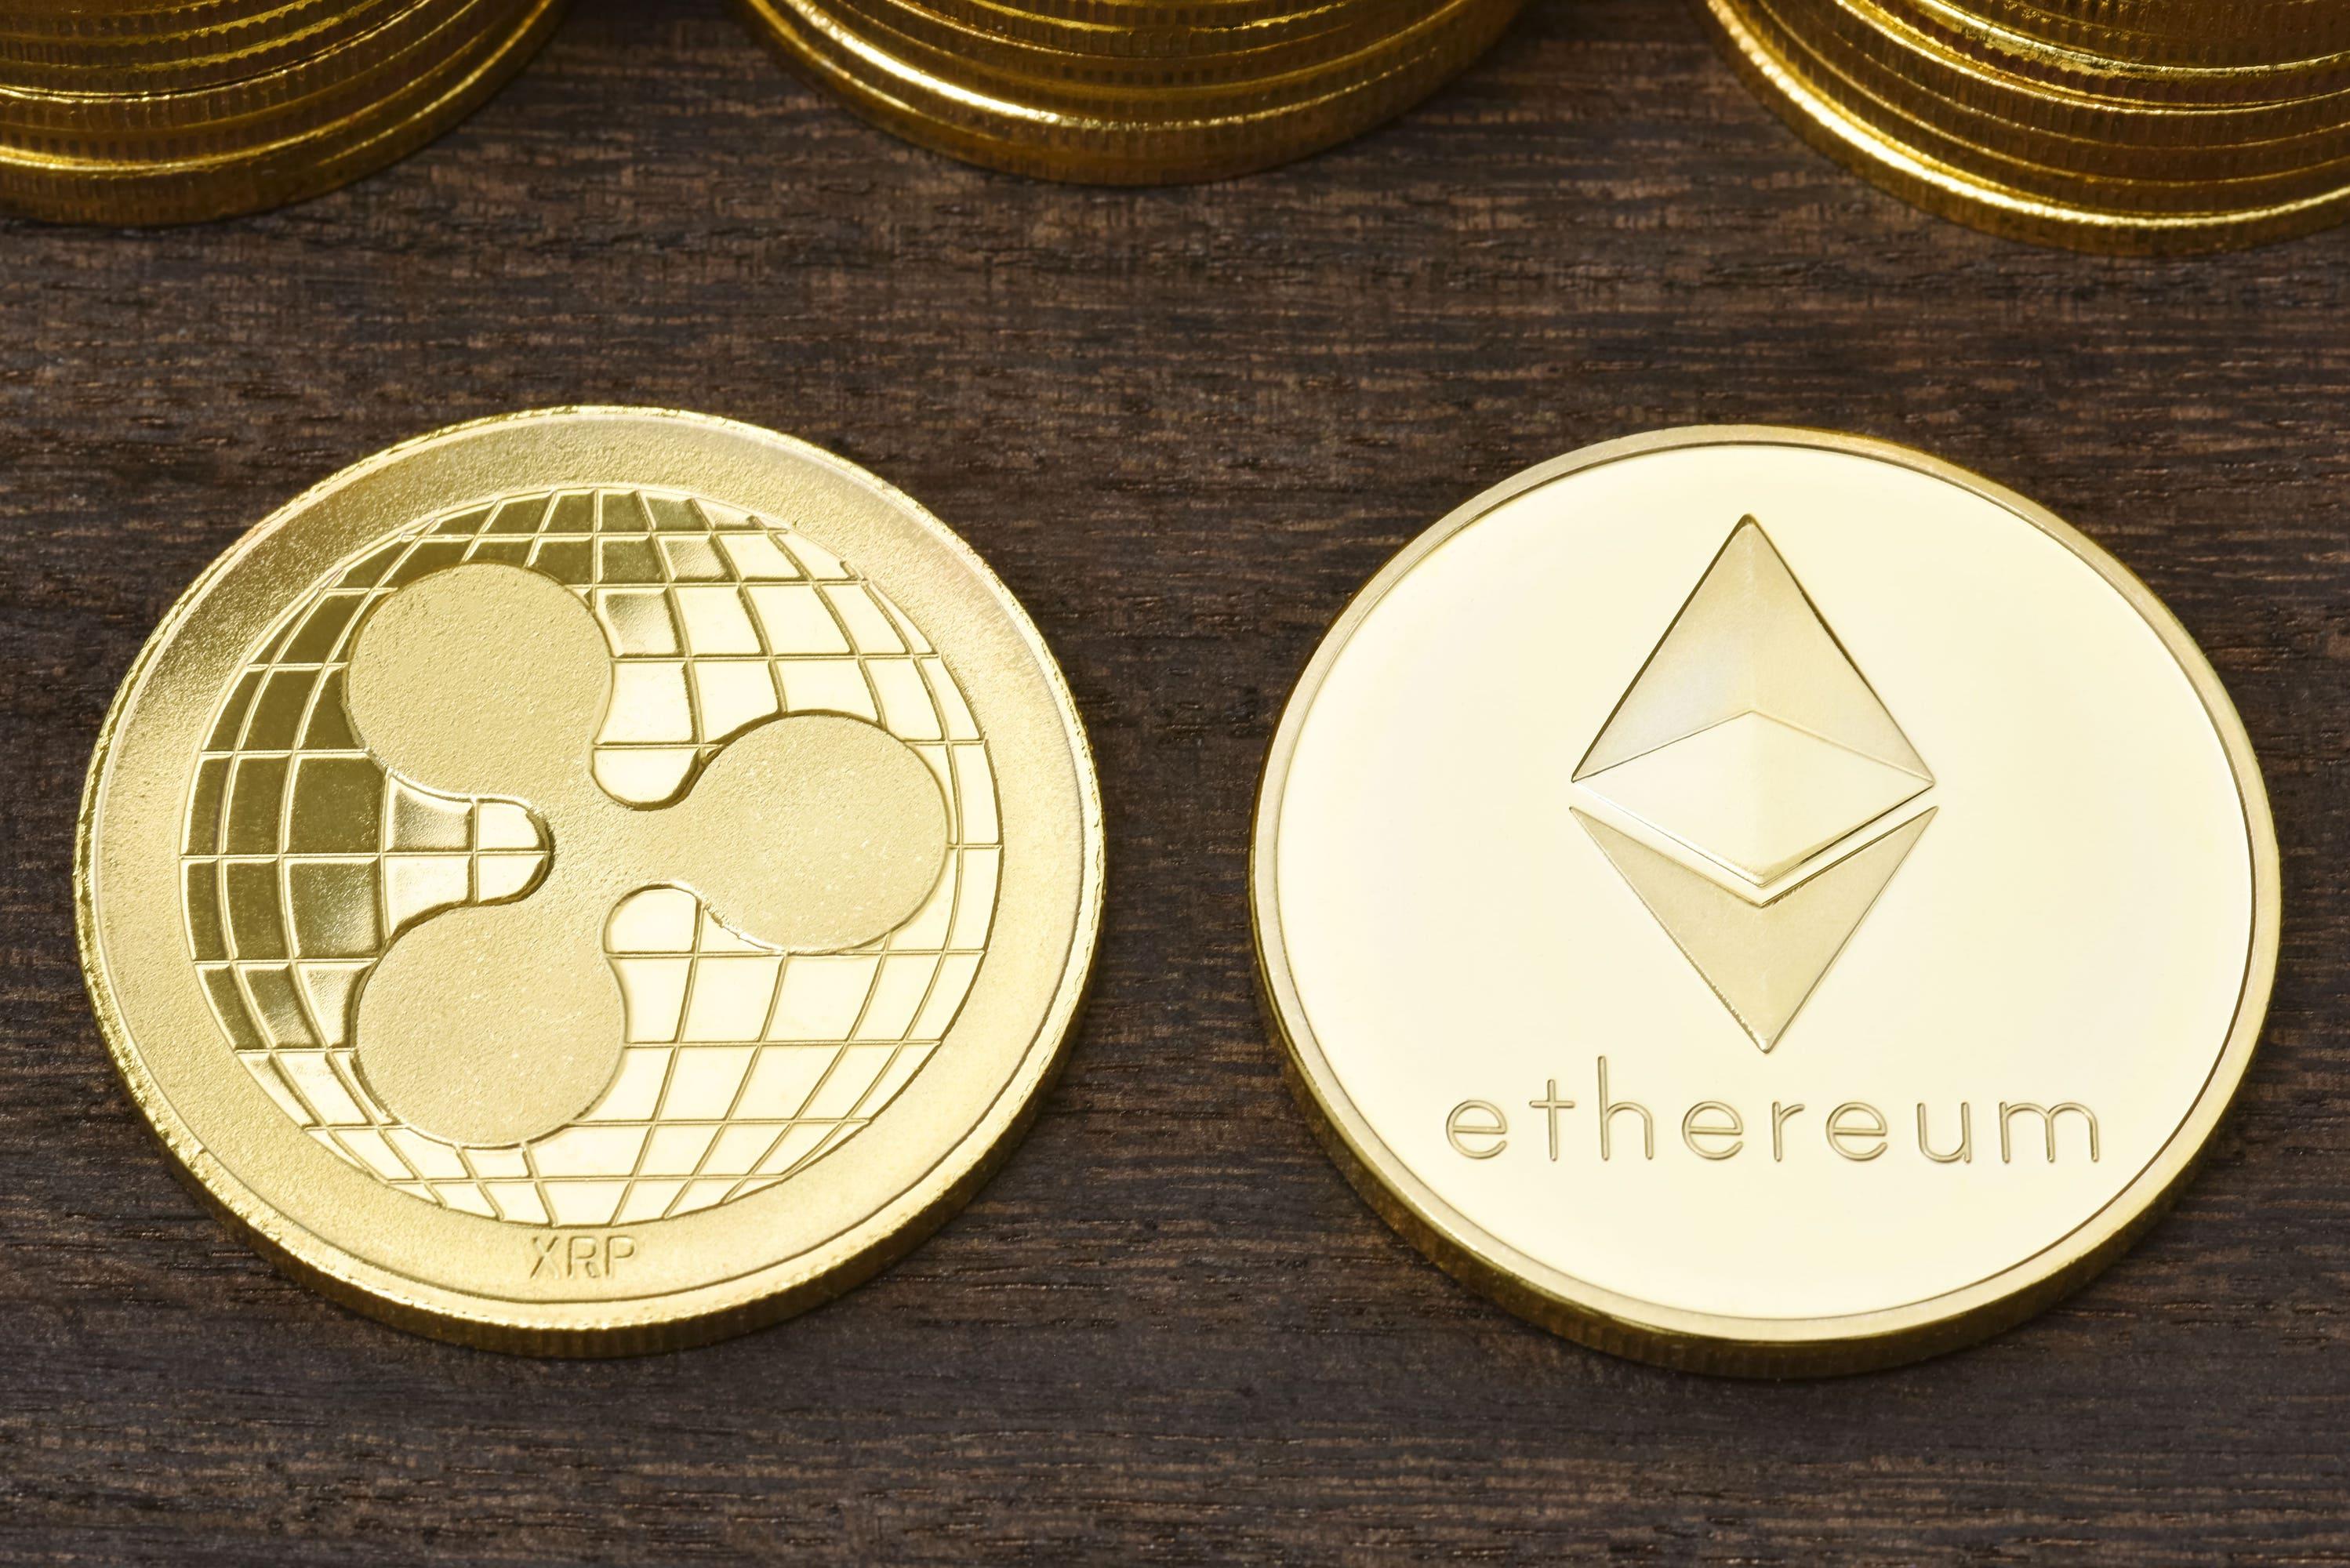 アルトコイン(altcoin)とは?種類や特徴をわかりやすく解説